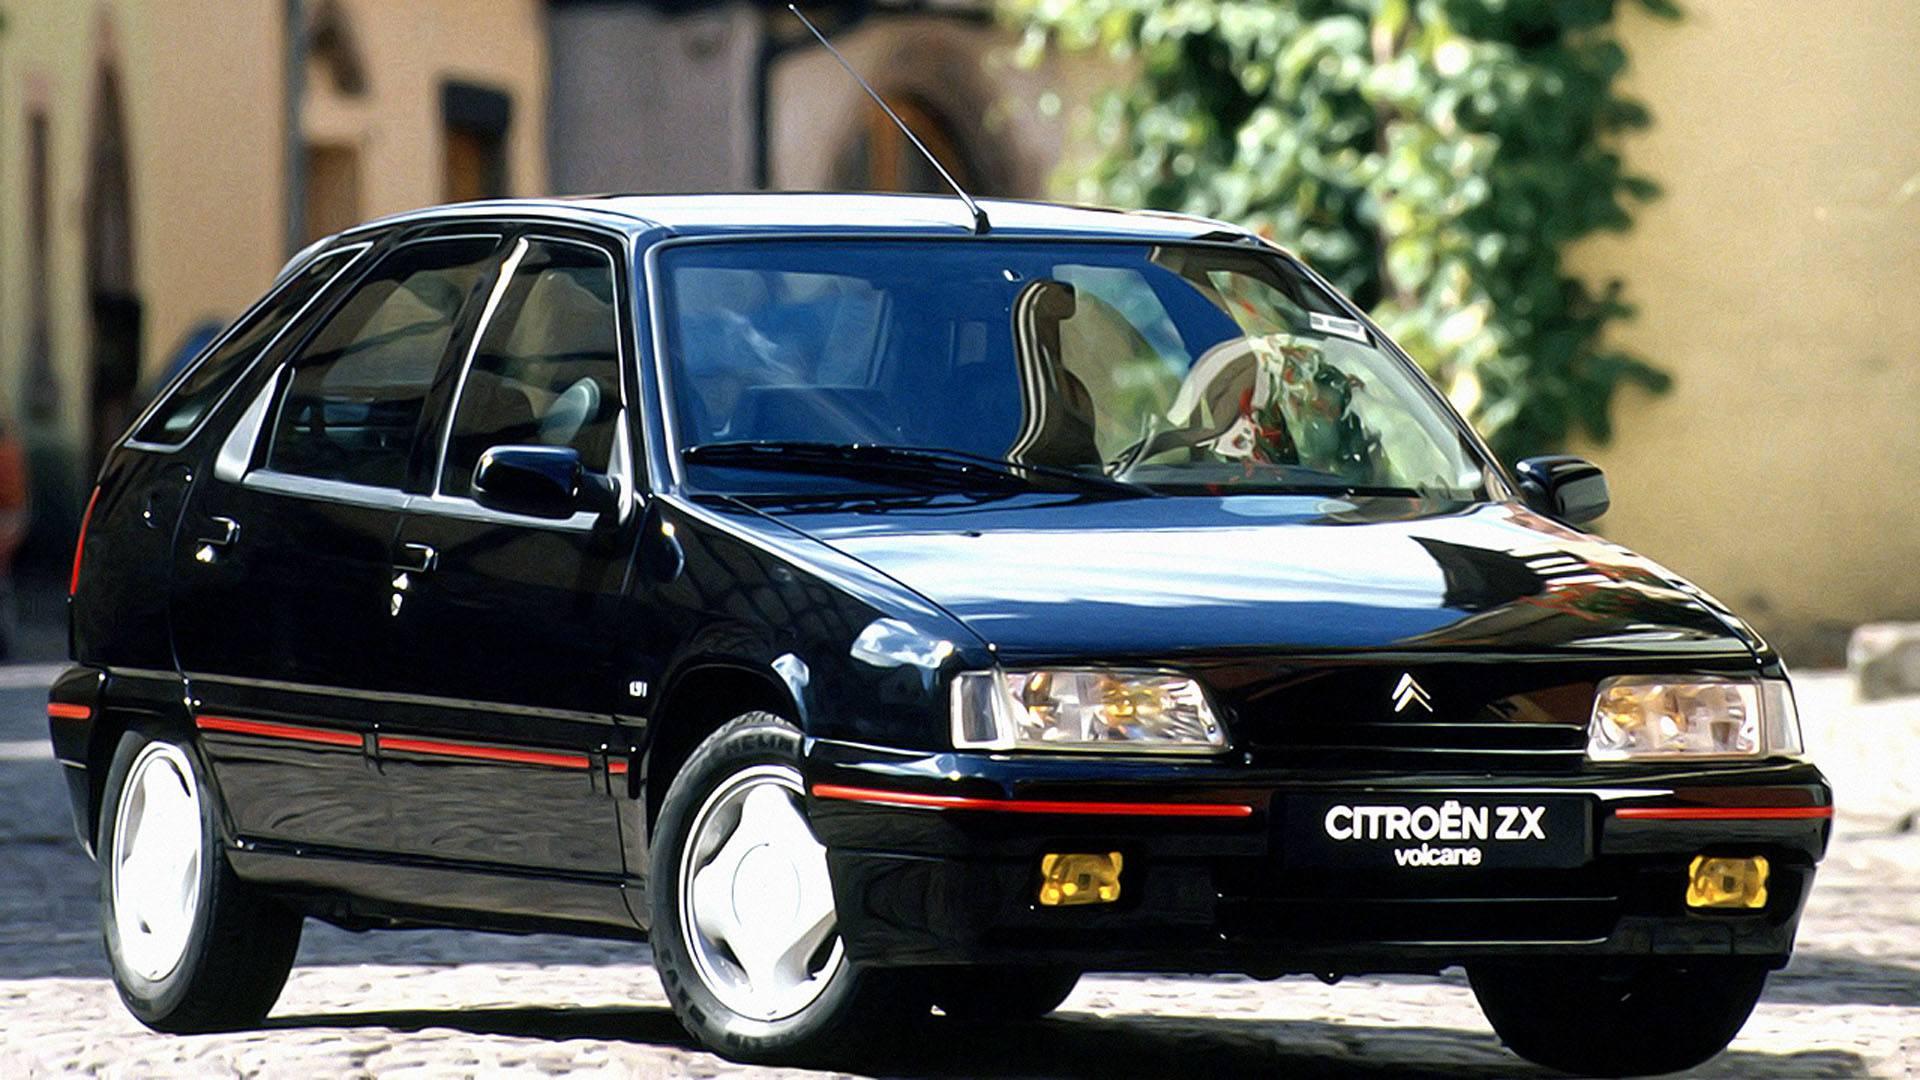 Coche del día: Citroën ZX Volcane